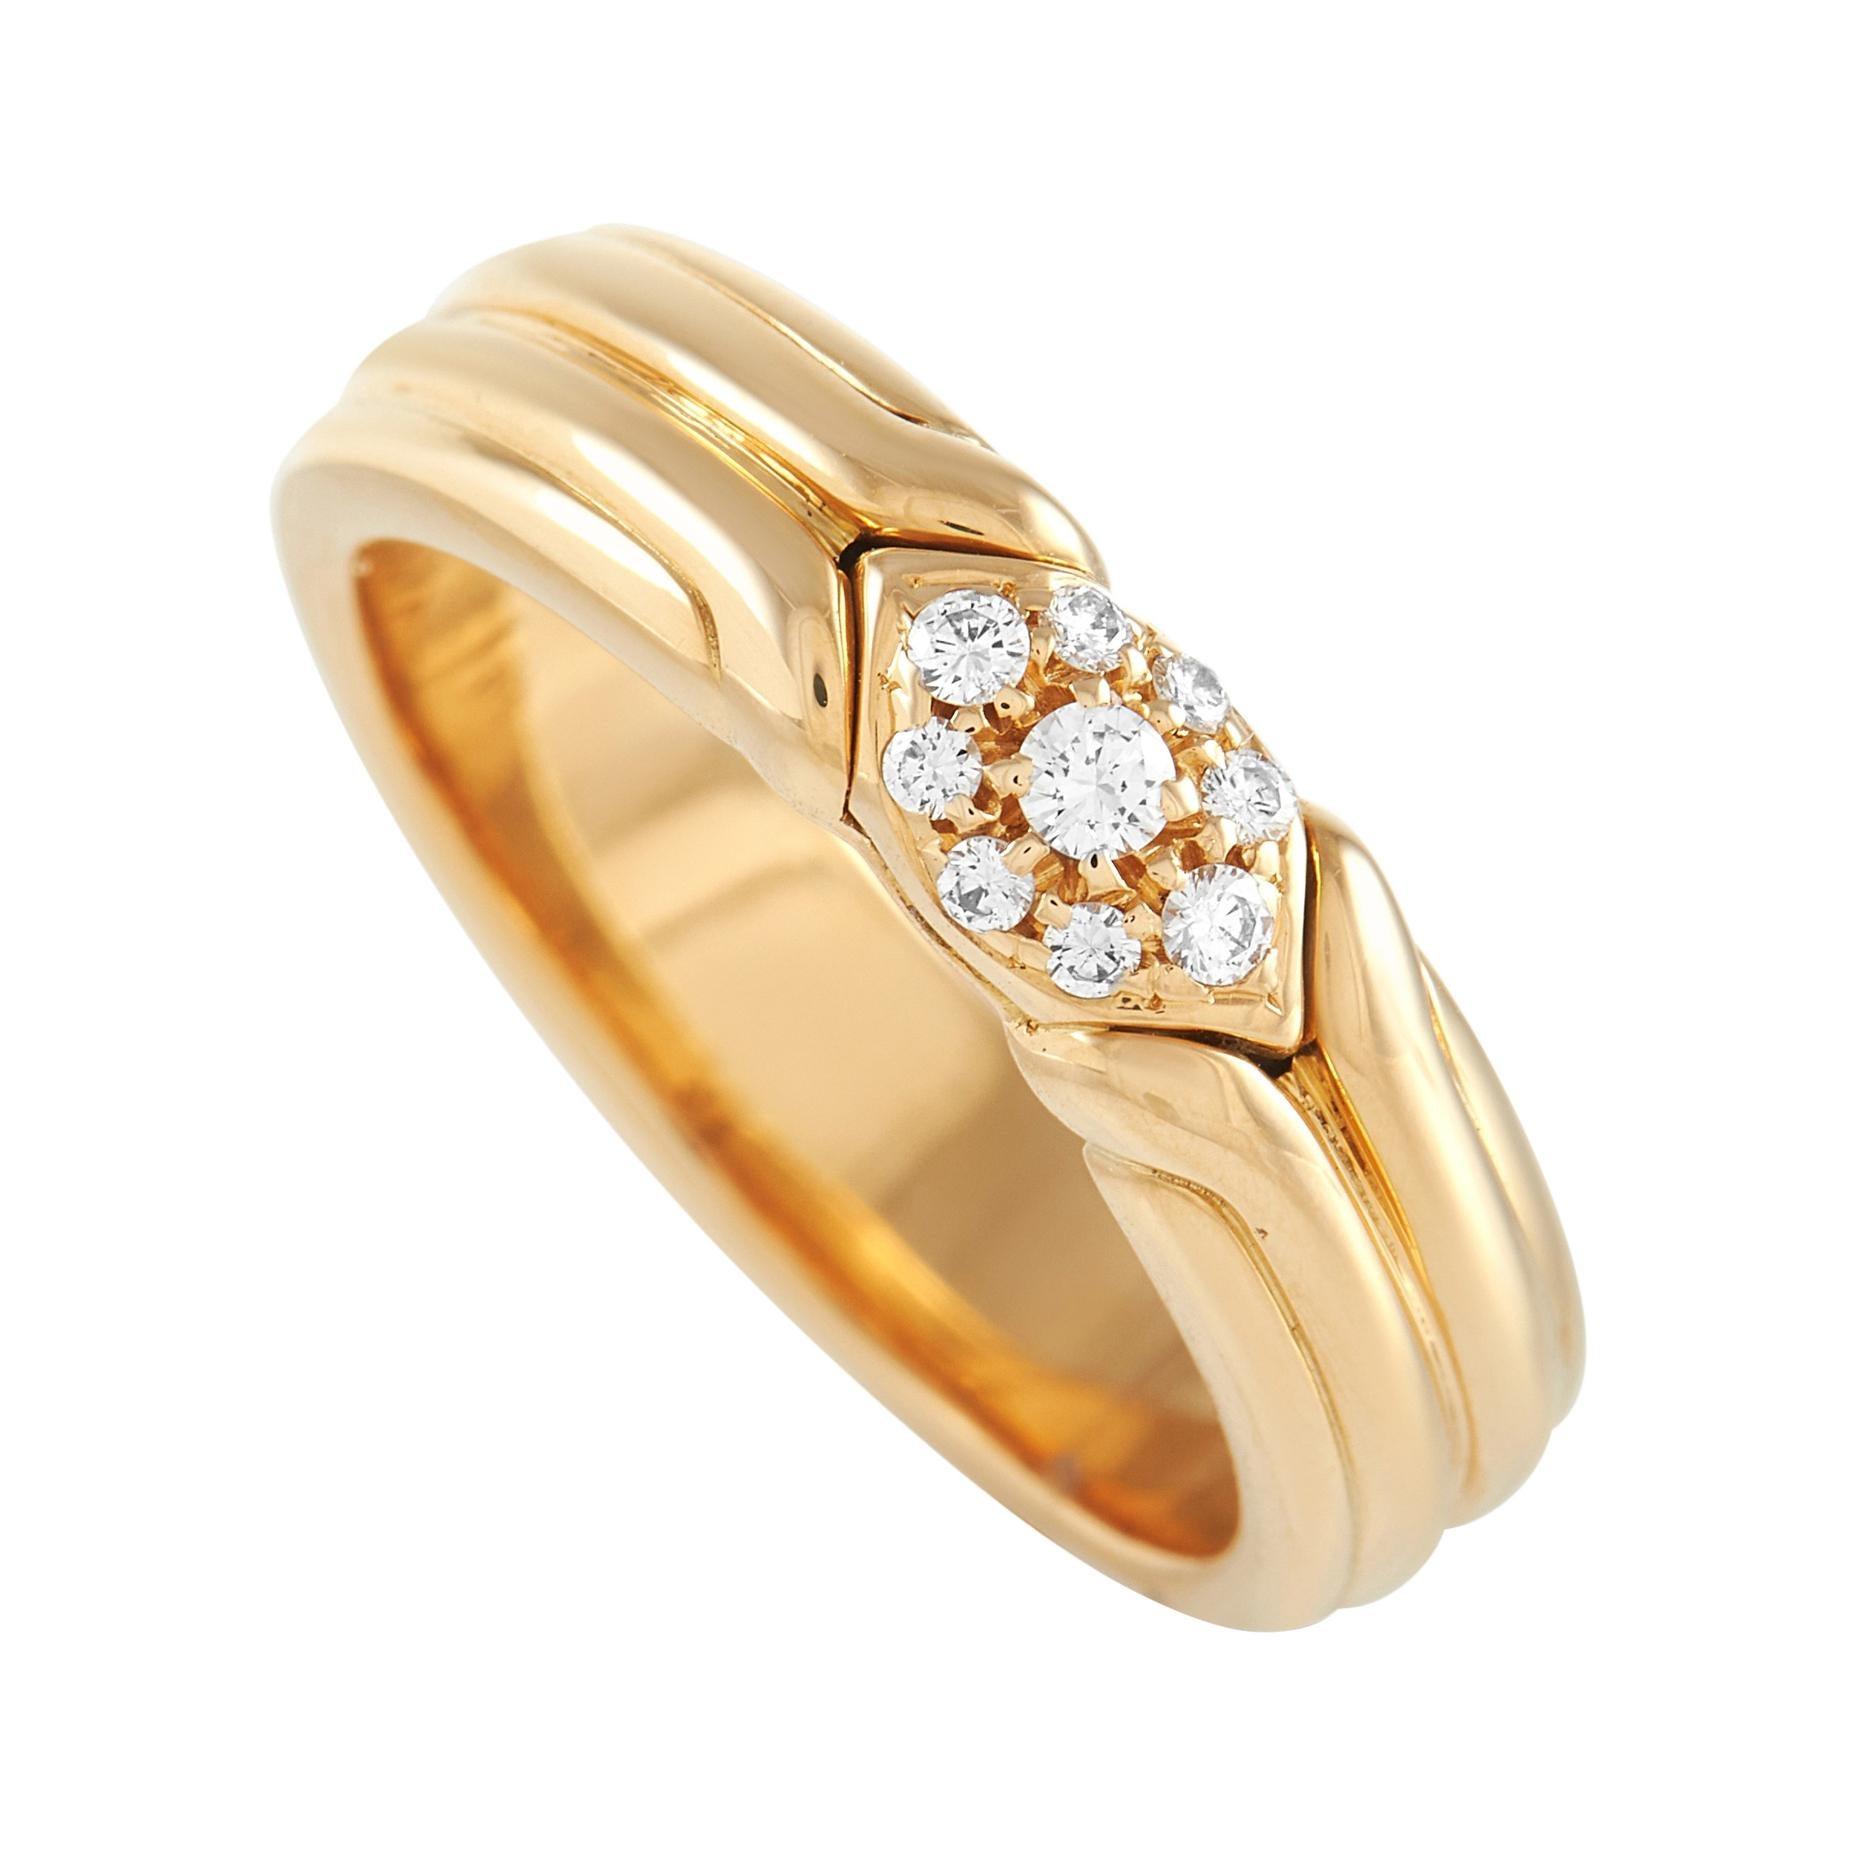 Bvlgari 18k Yellow Gold Diamond Ring